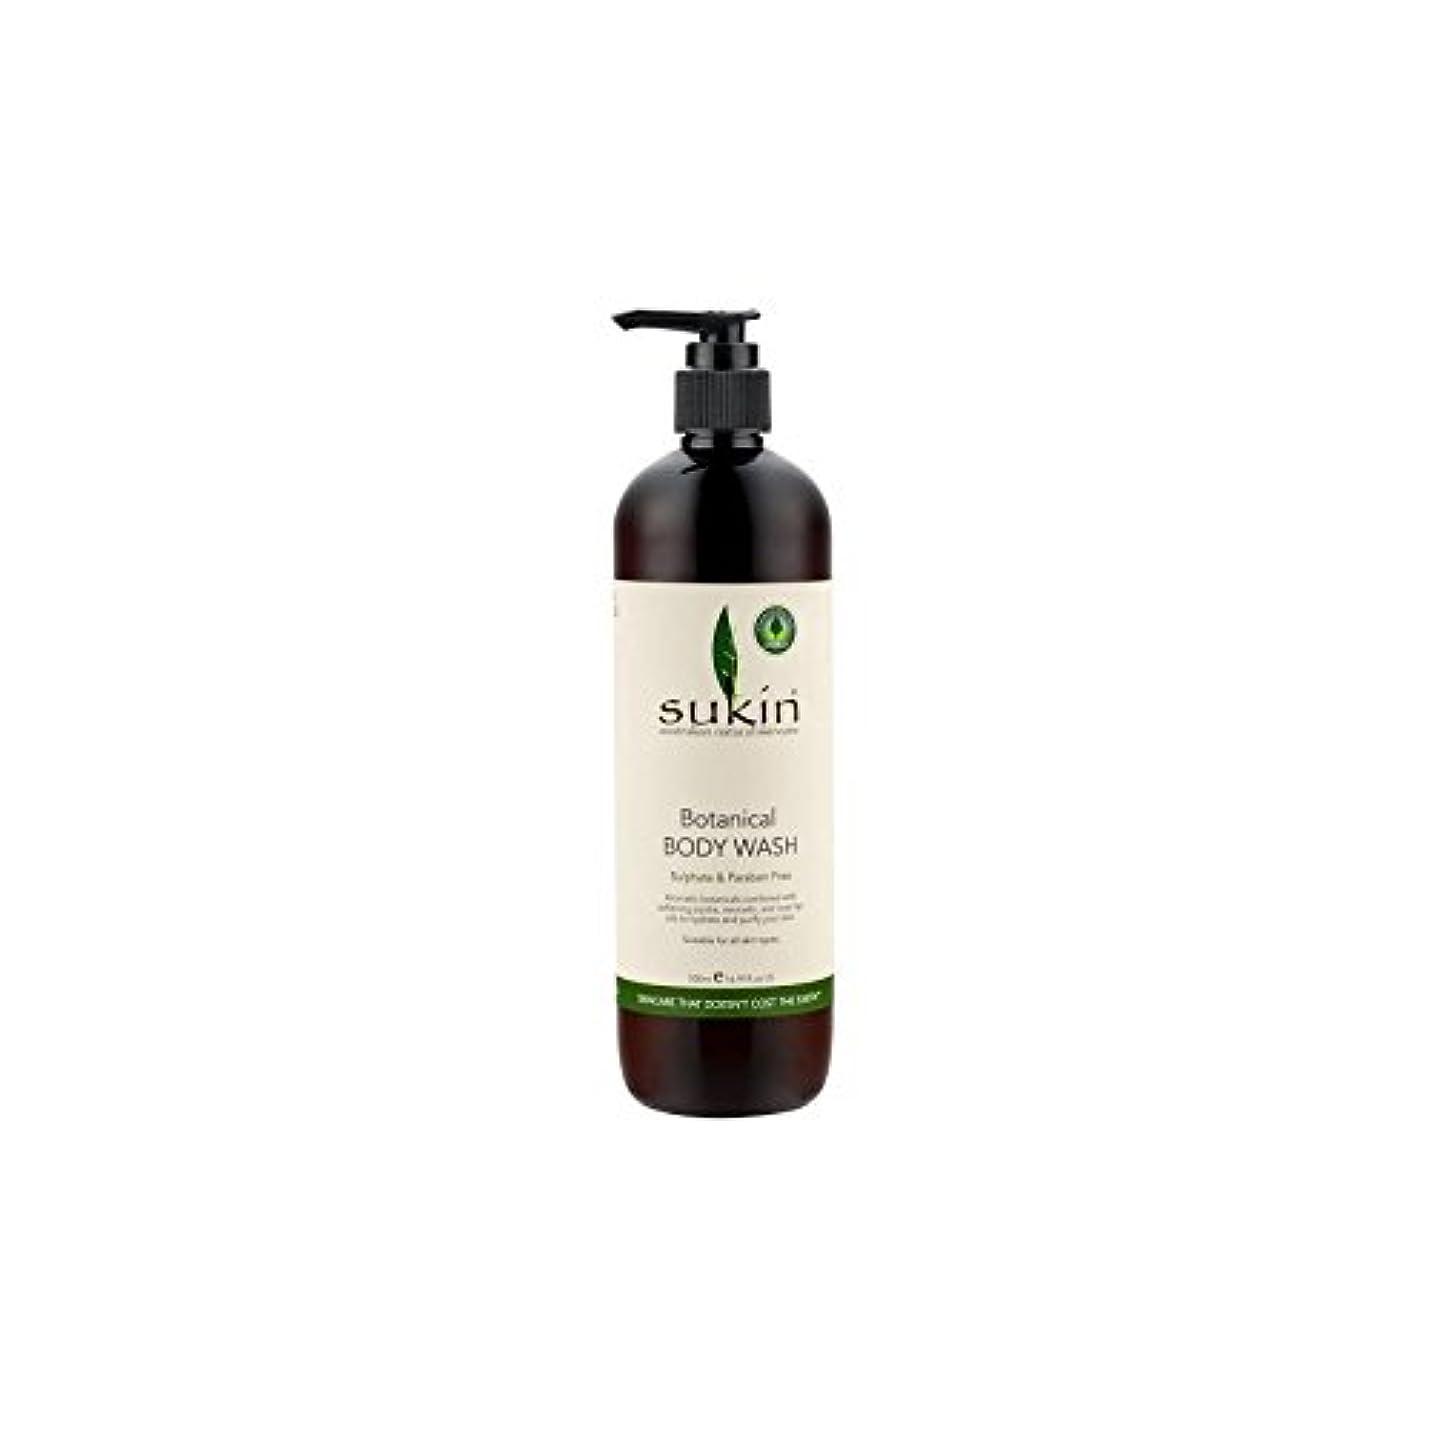 キノコ暗い有限Sukin Botanical Body Wash (500ml) (Pack of 6) - 植物ボディウォッシュ(500ミリリットル) x6 [並行輸入品]